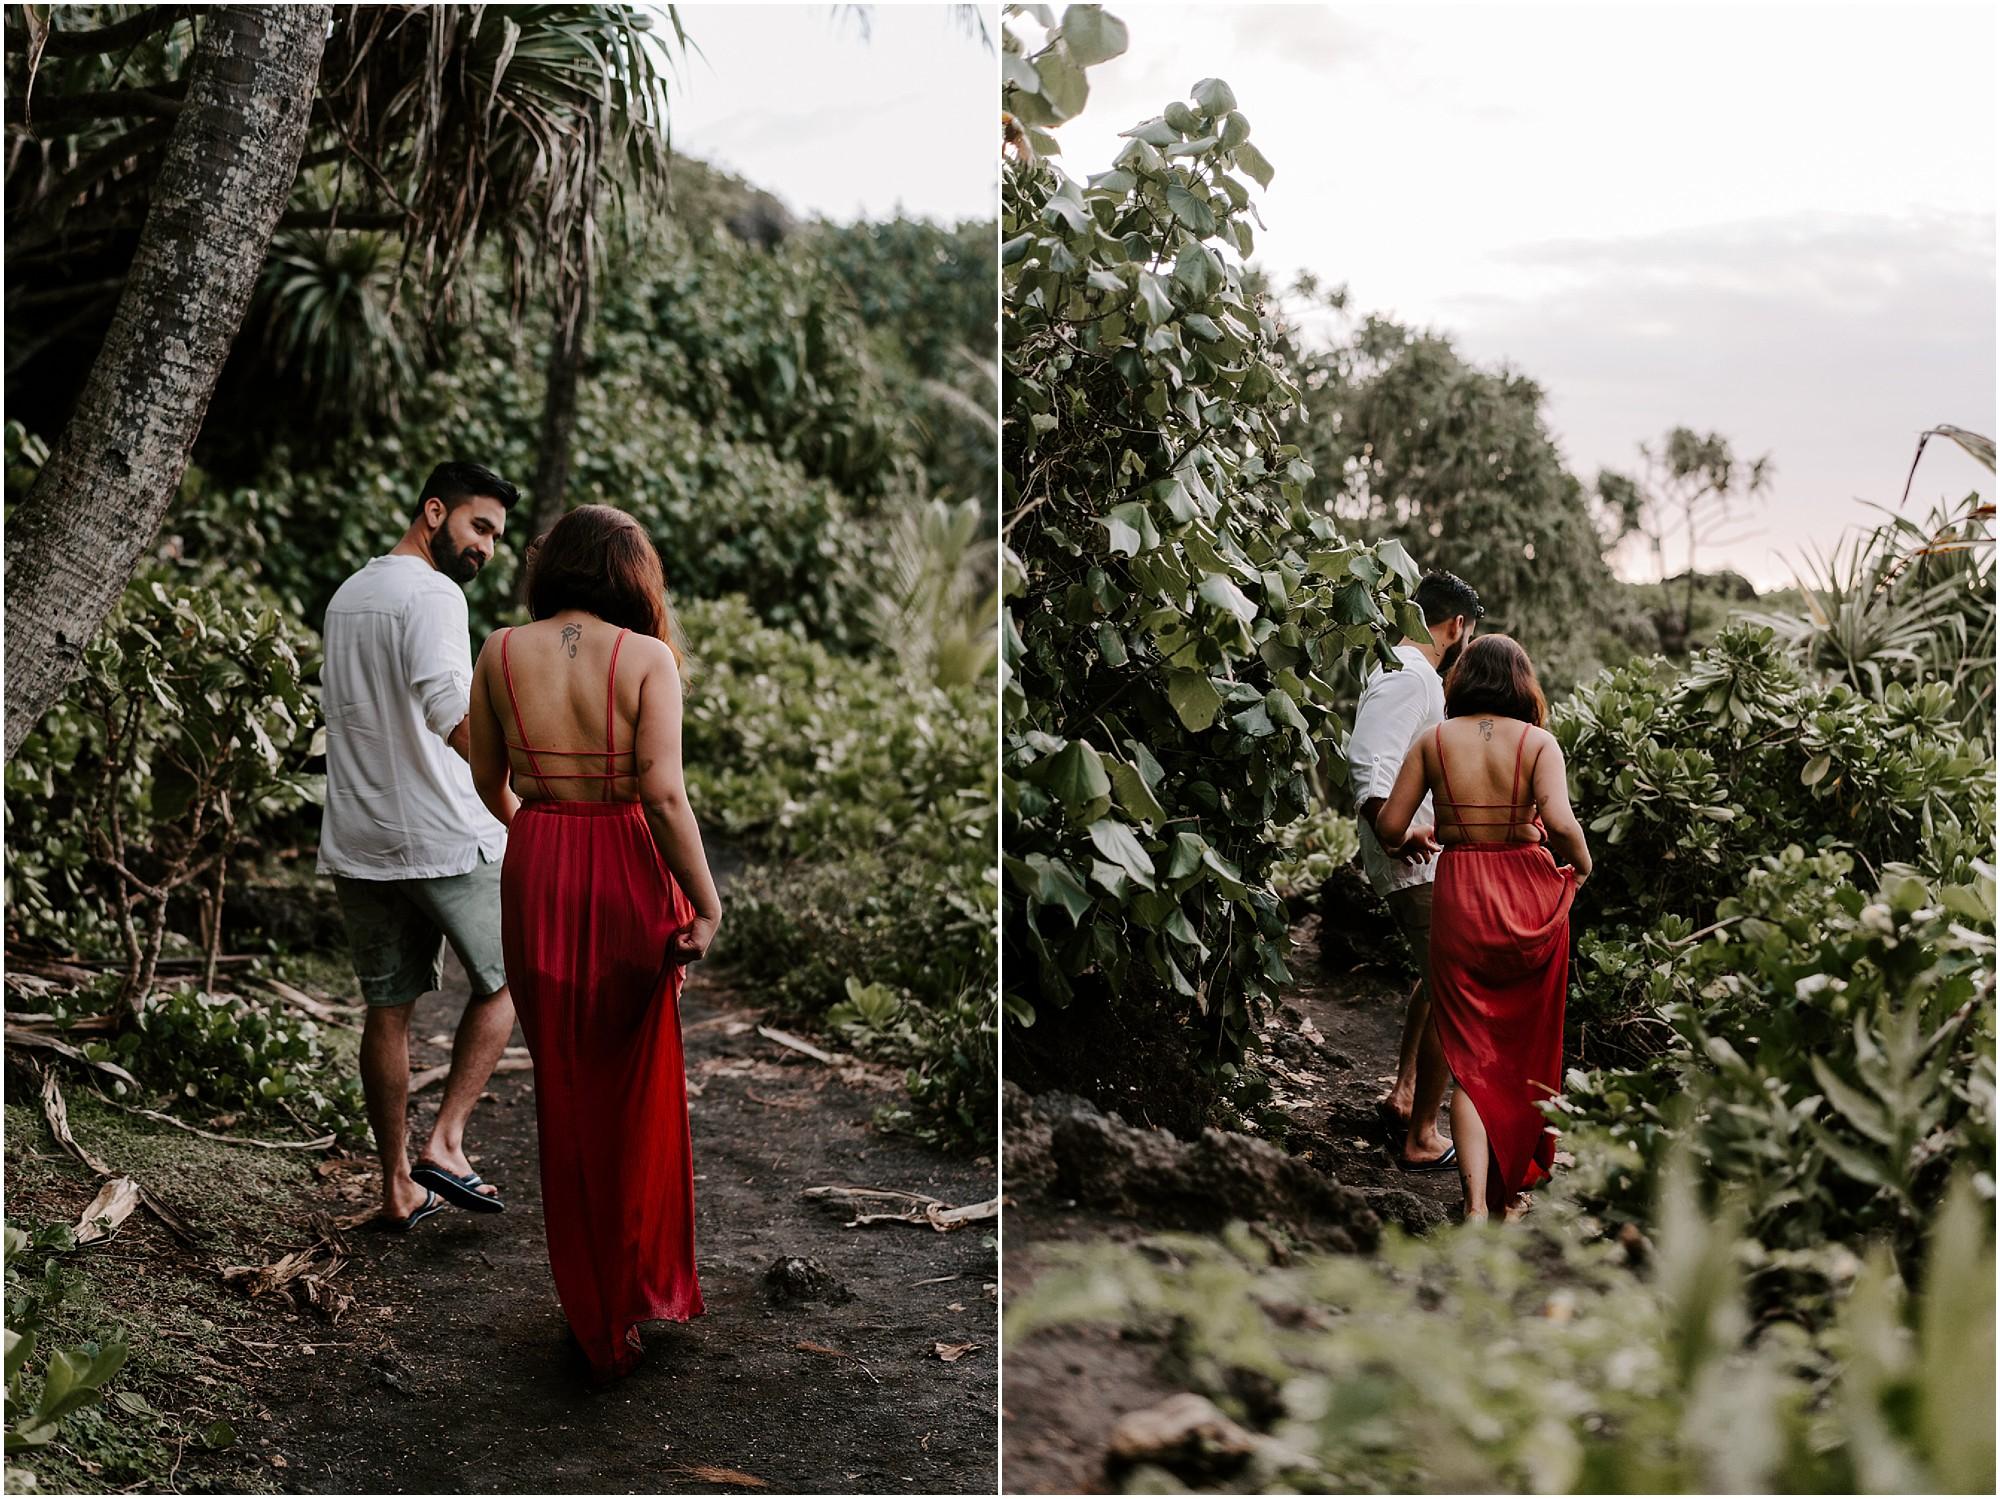 black-sand-beach-maui-hawaii-elopement-photographer_0017.jpg